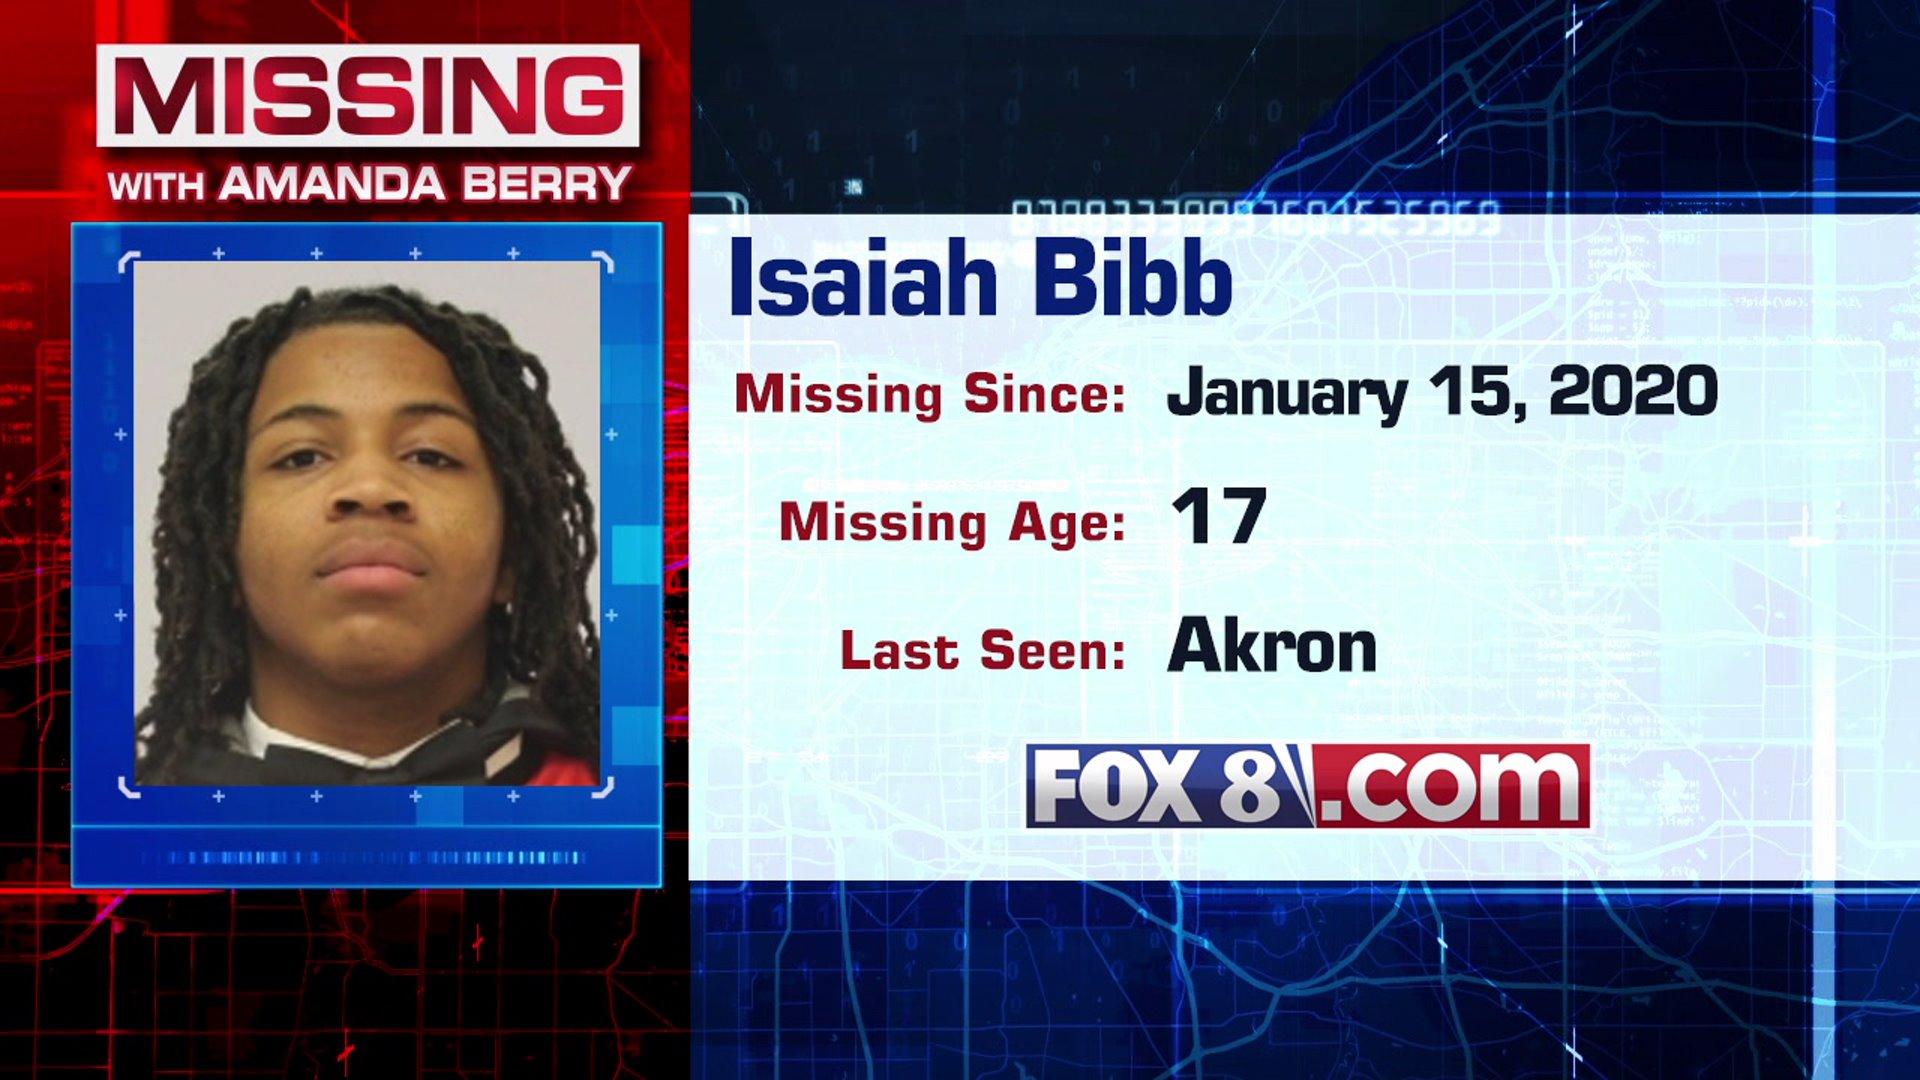 Isaiah Bibb